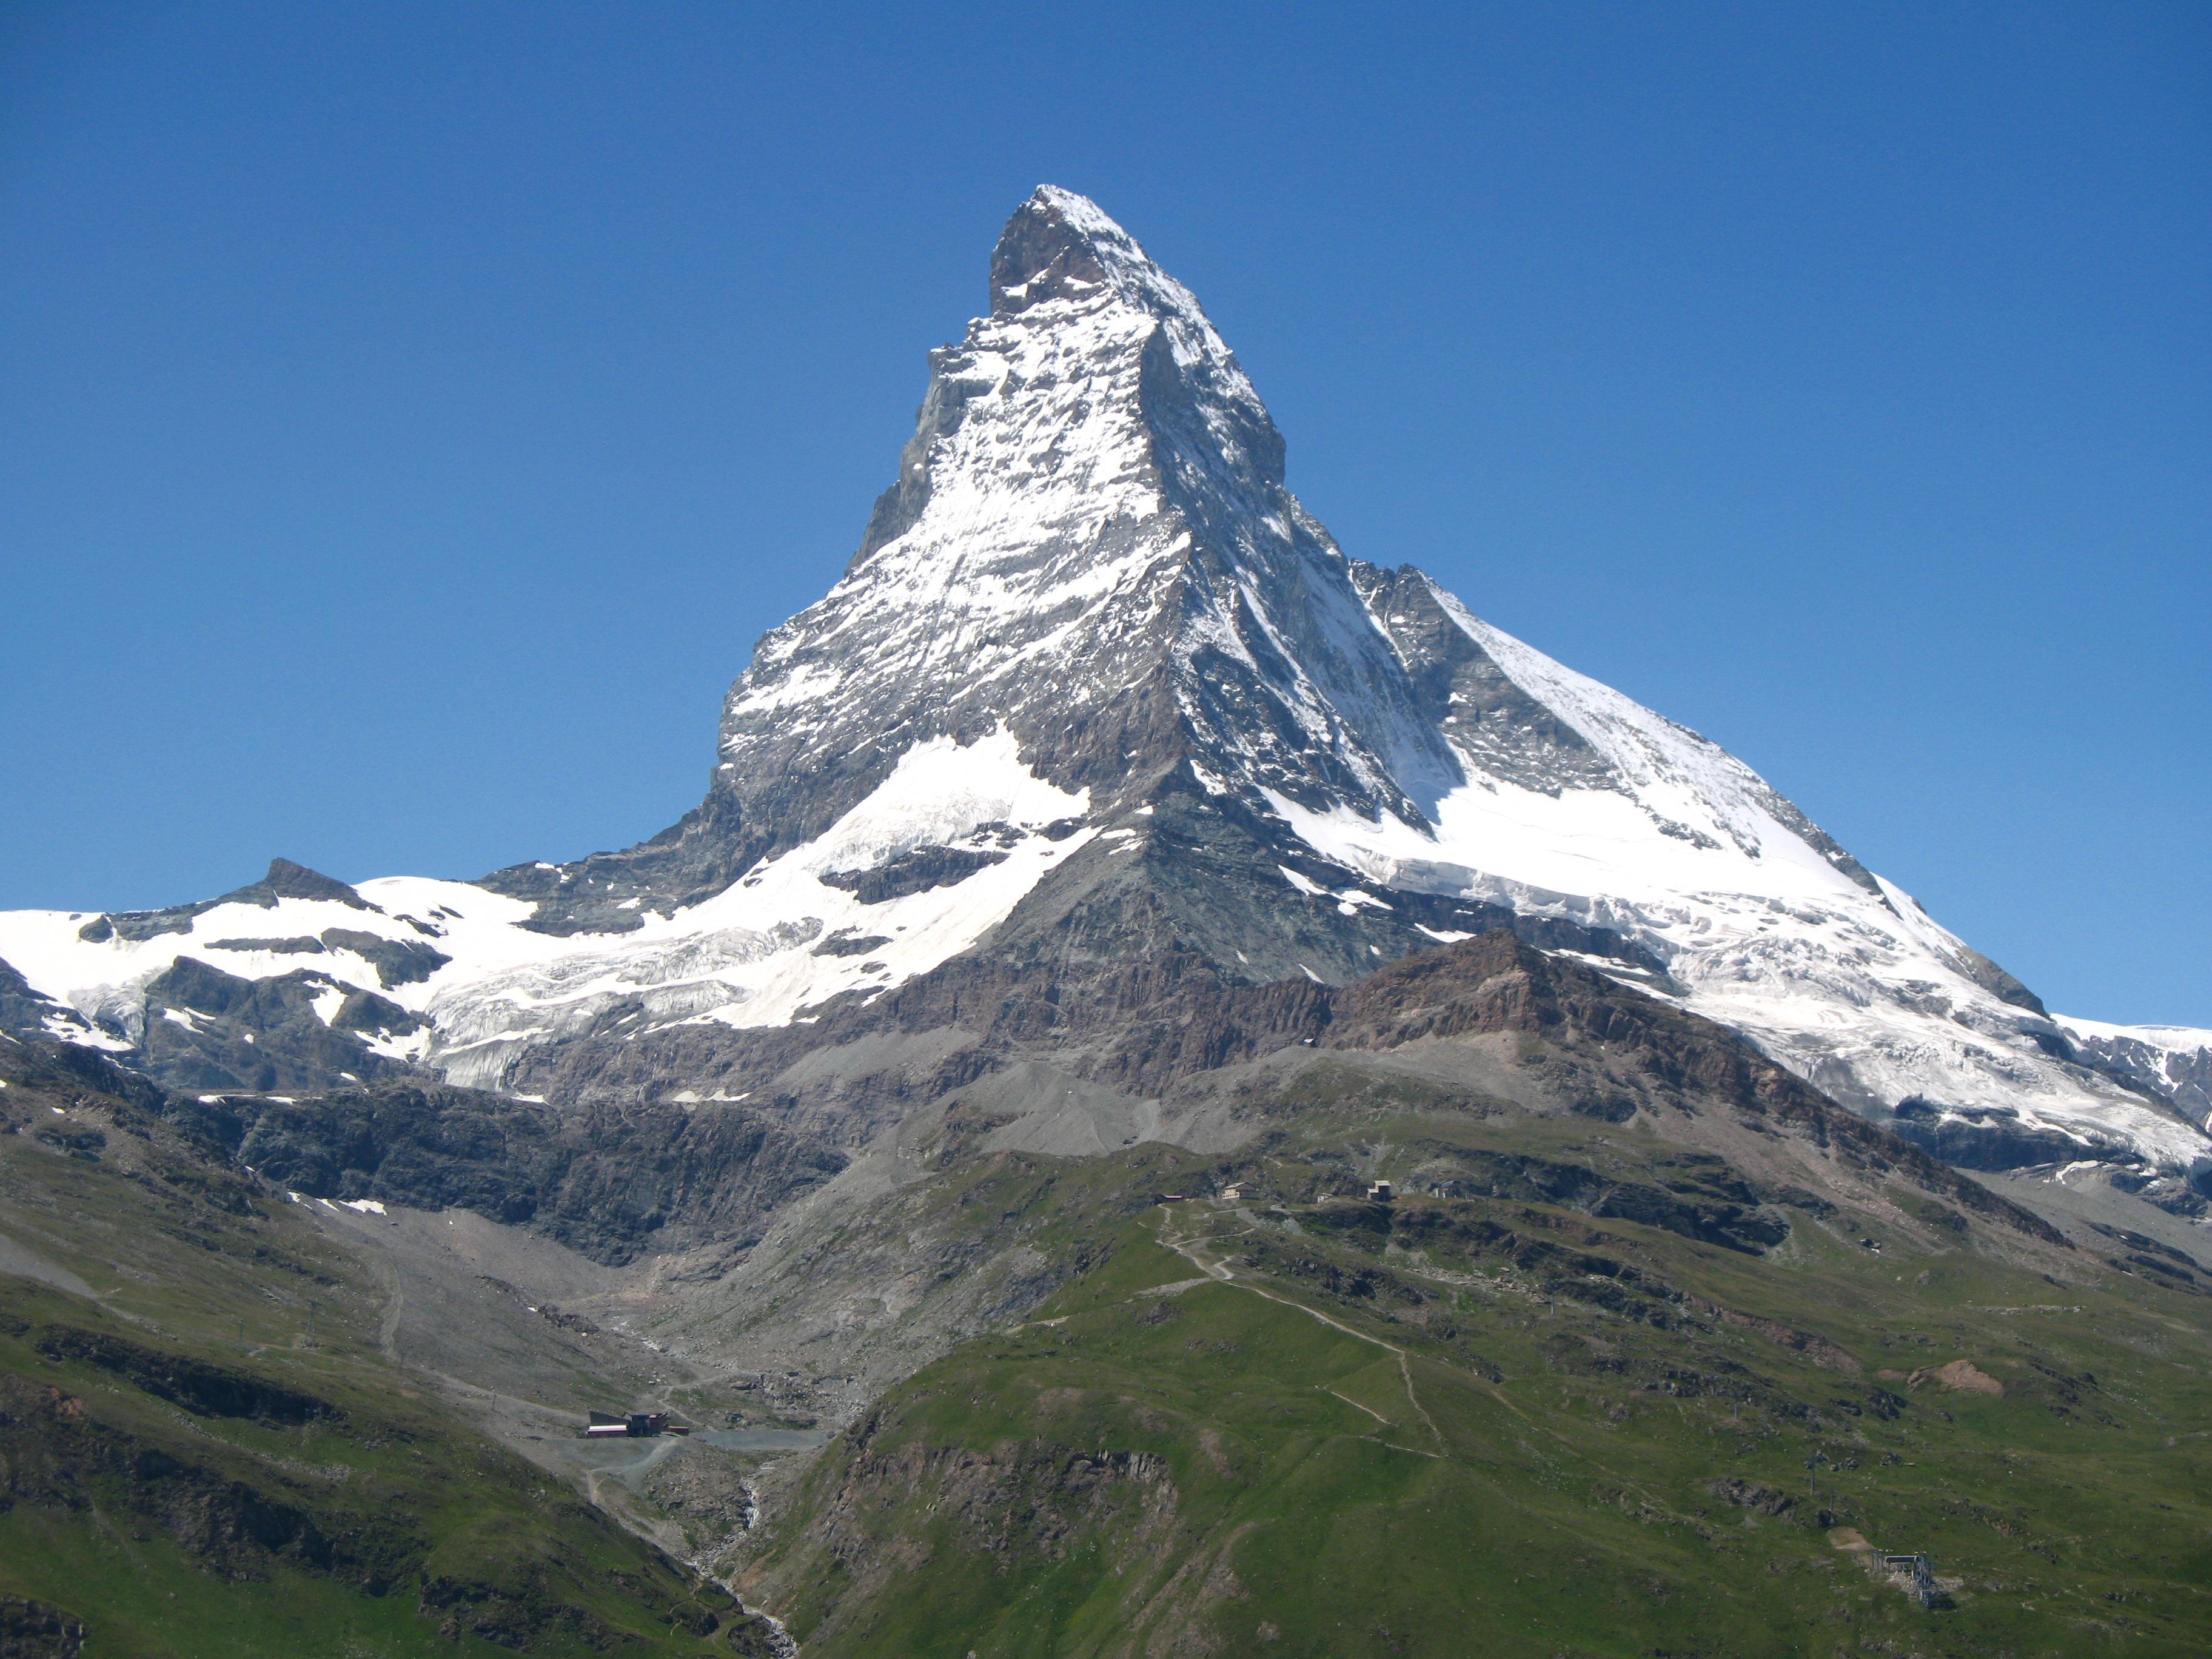 Google-Ergebnis für http://de.academic.ru/pictures/dewiki/51/3818_-_Riffelberg_-_Matterhorn_viewed_from_Gornergratbahn.JPG